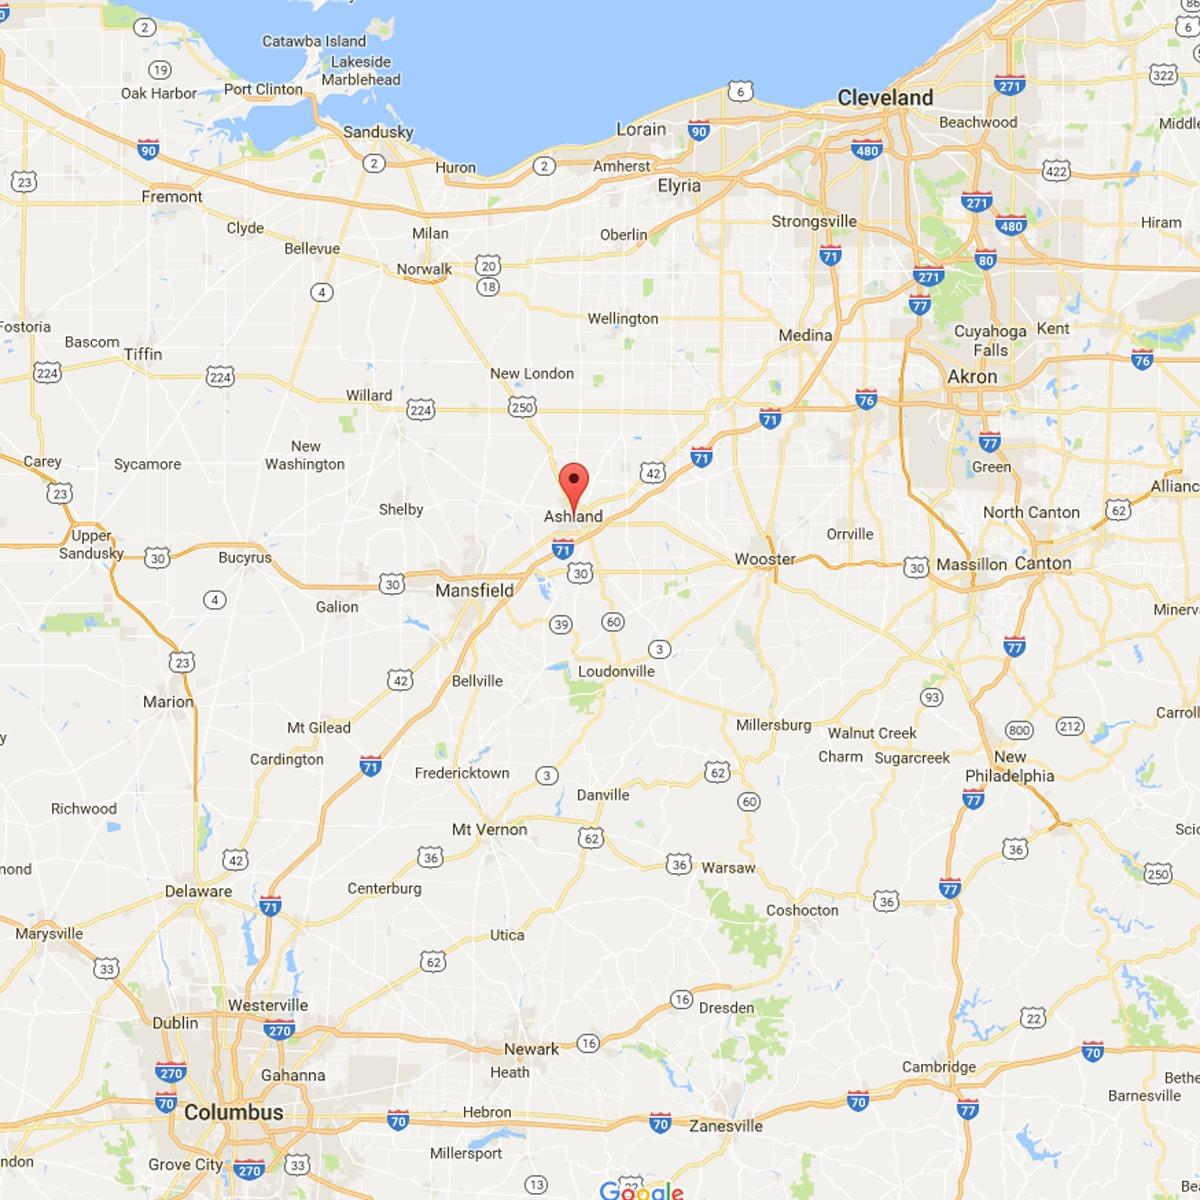 ashland-ohio-map